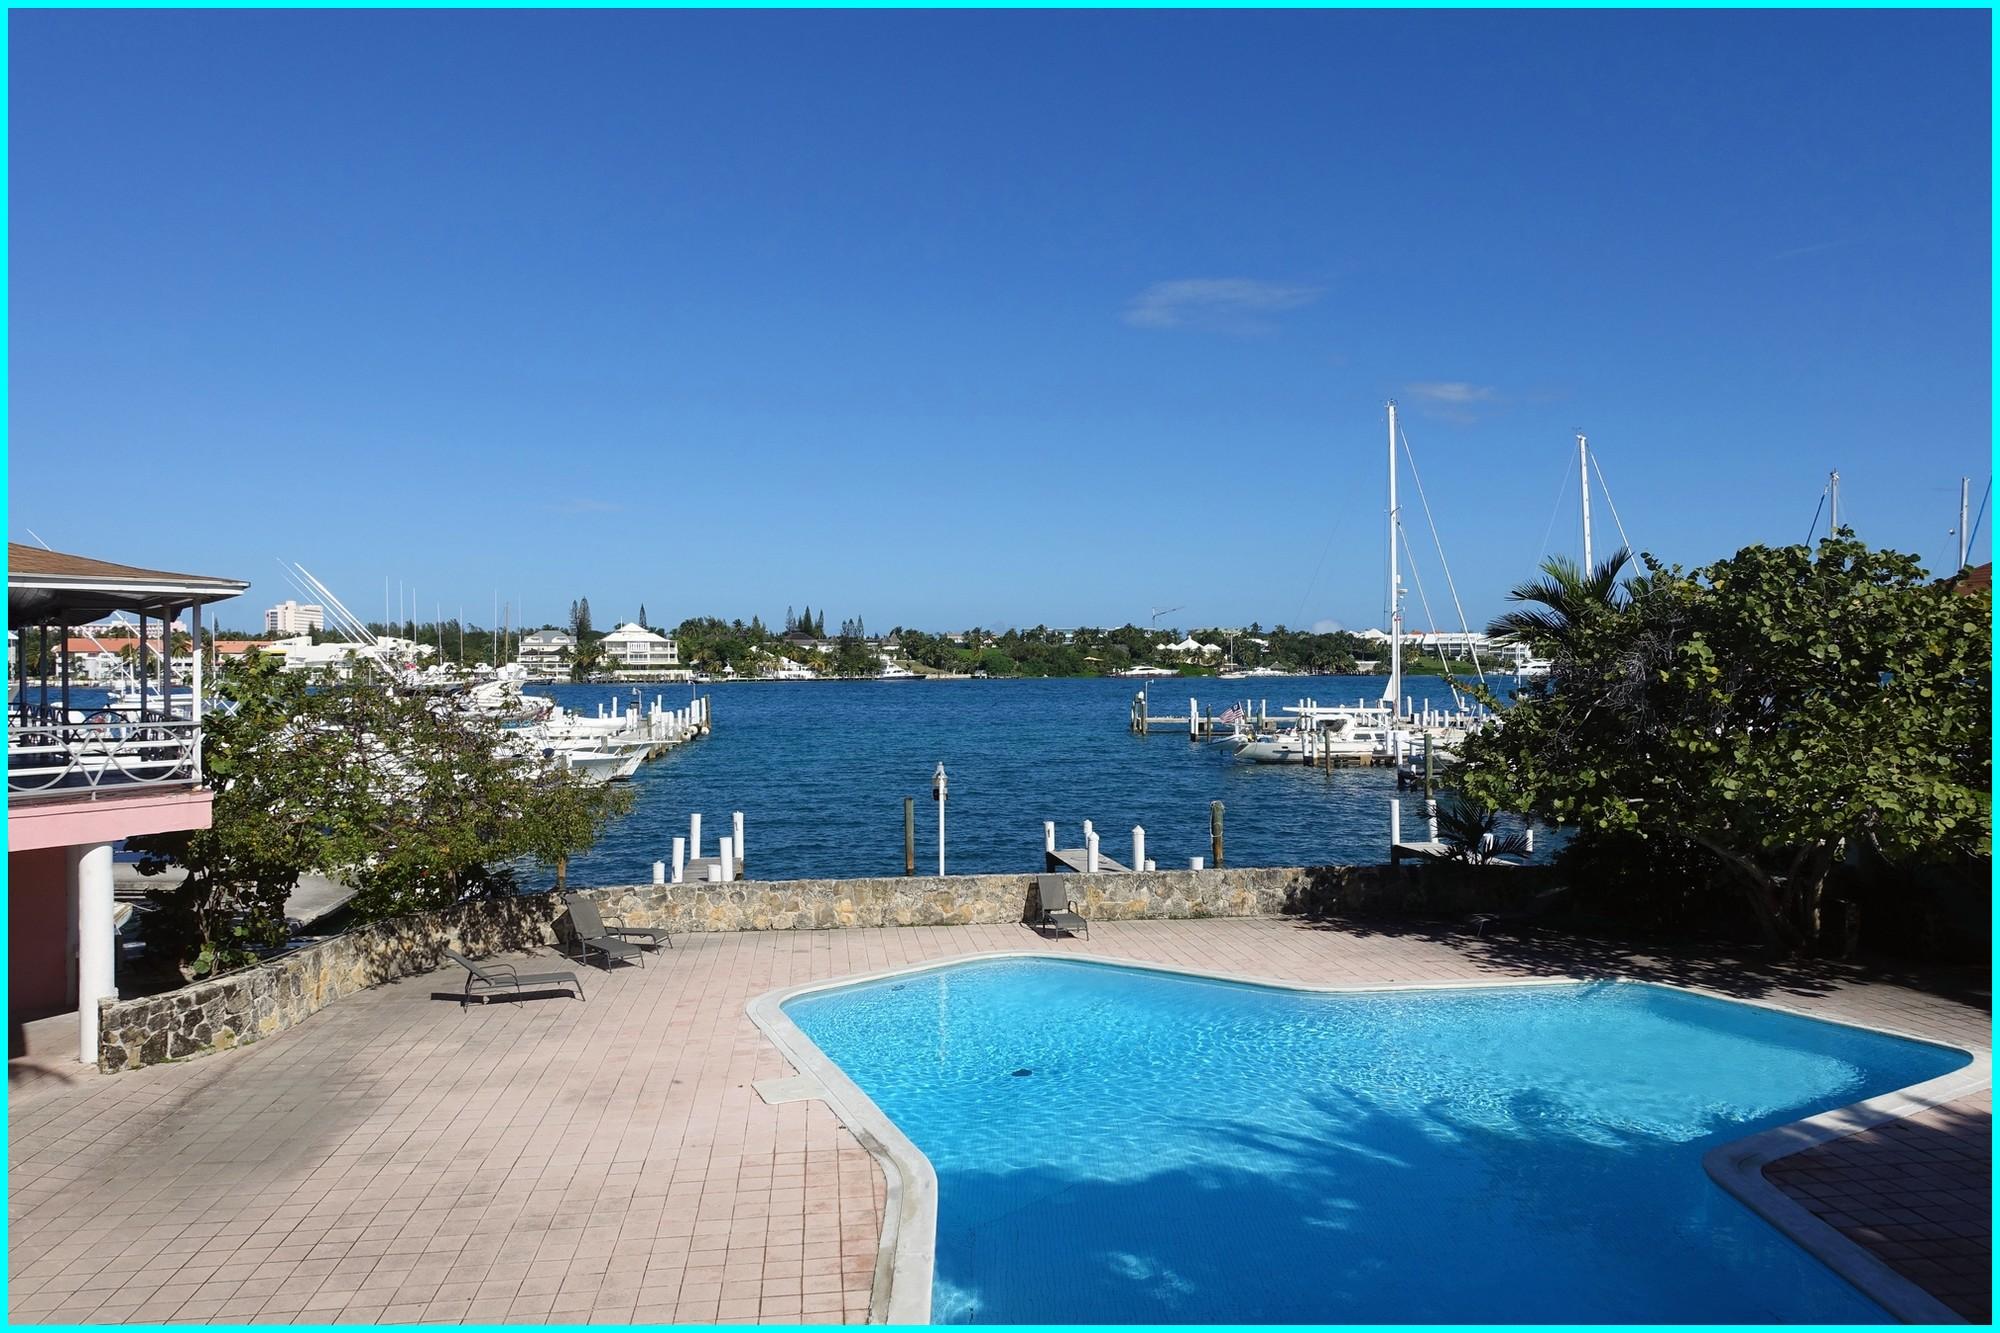 Avec une température dépassant 30°, nous avons passé du temps dans la piscine jouxtant la marina !